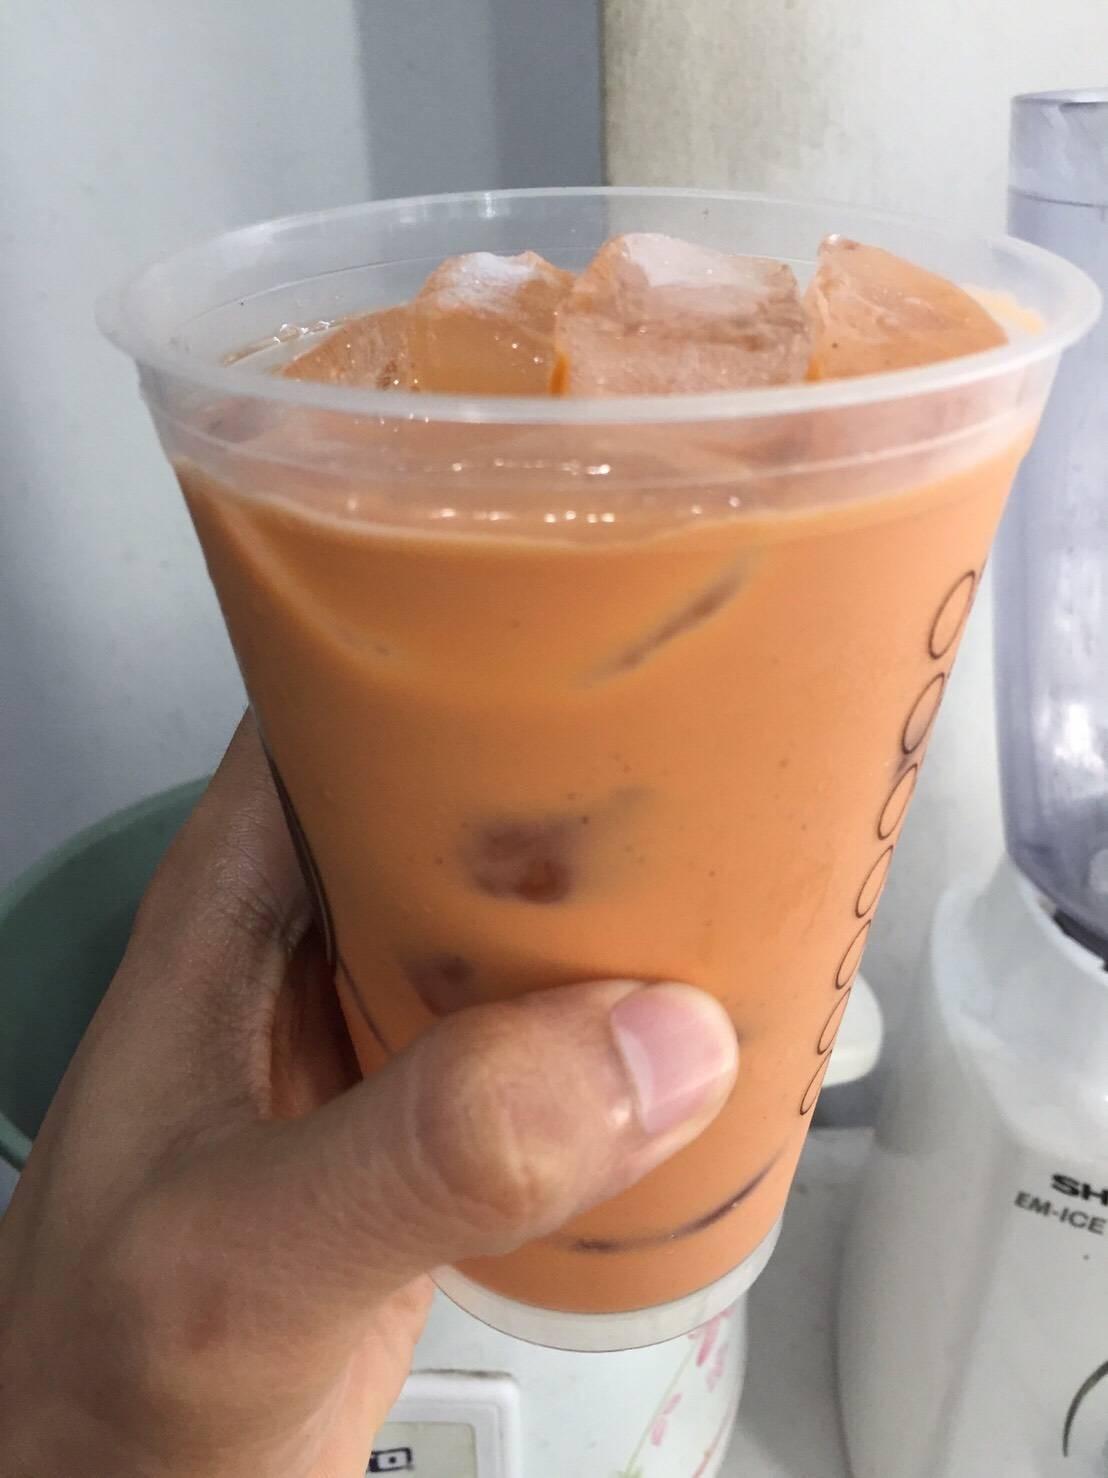 ชานมเย็นสูตรหญ้าหวาน